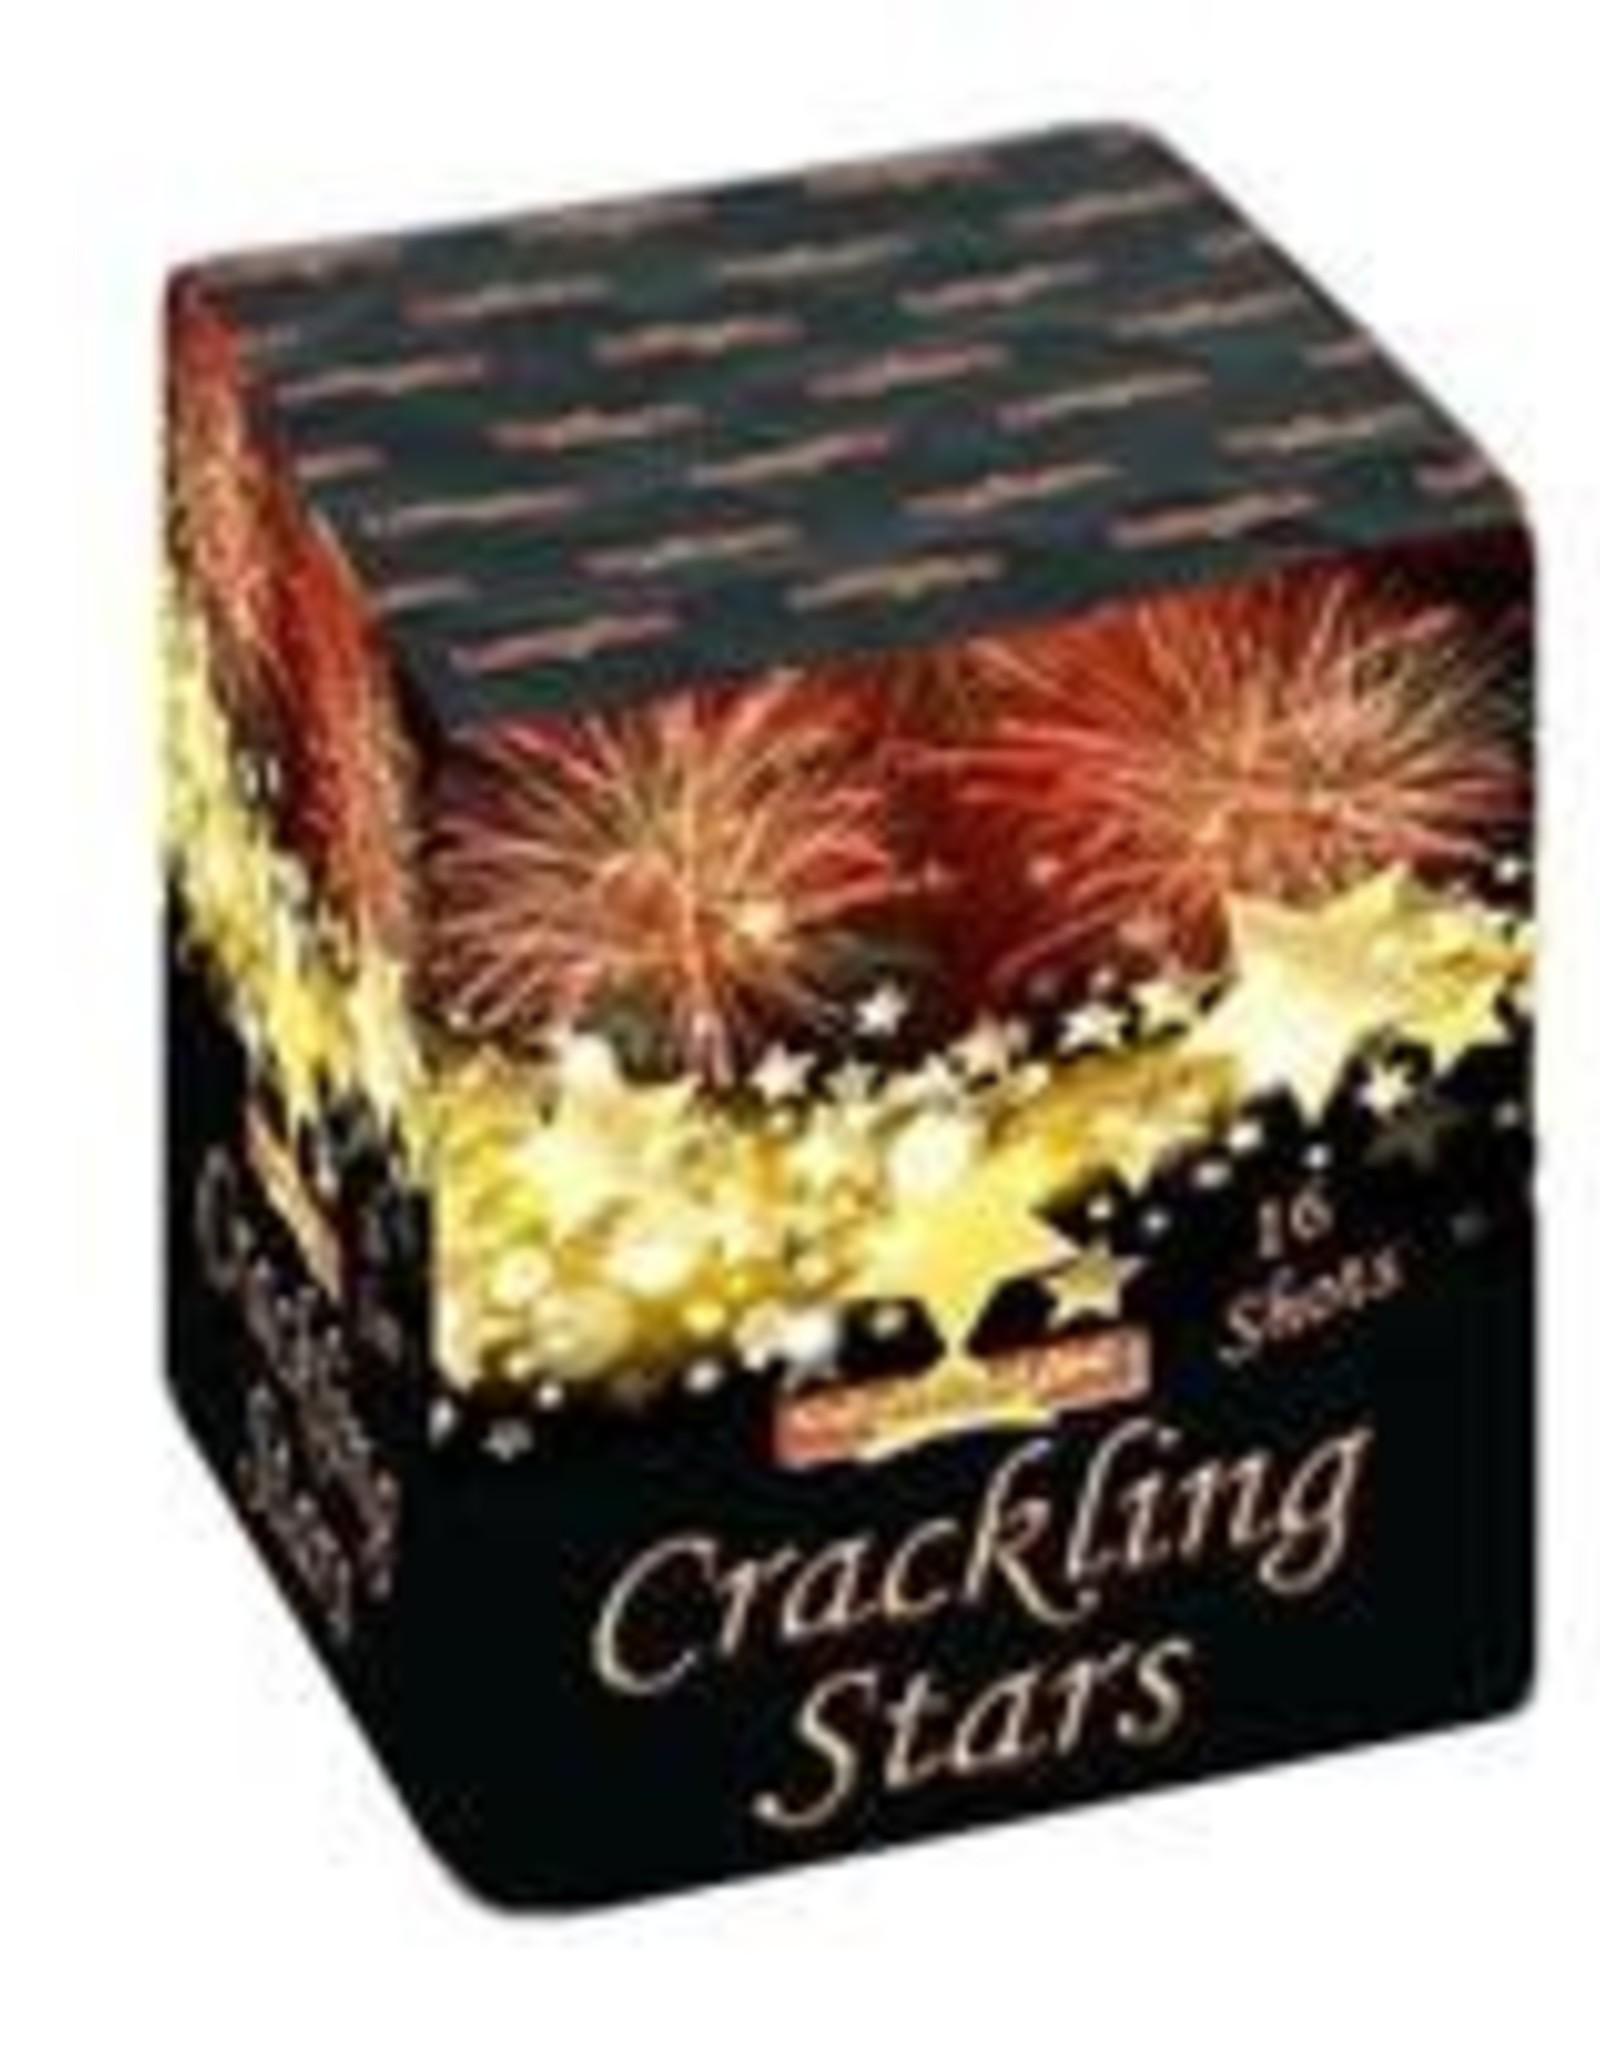 FARAM Cracling Stars 16 shot